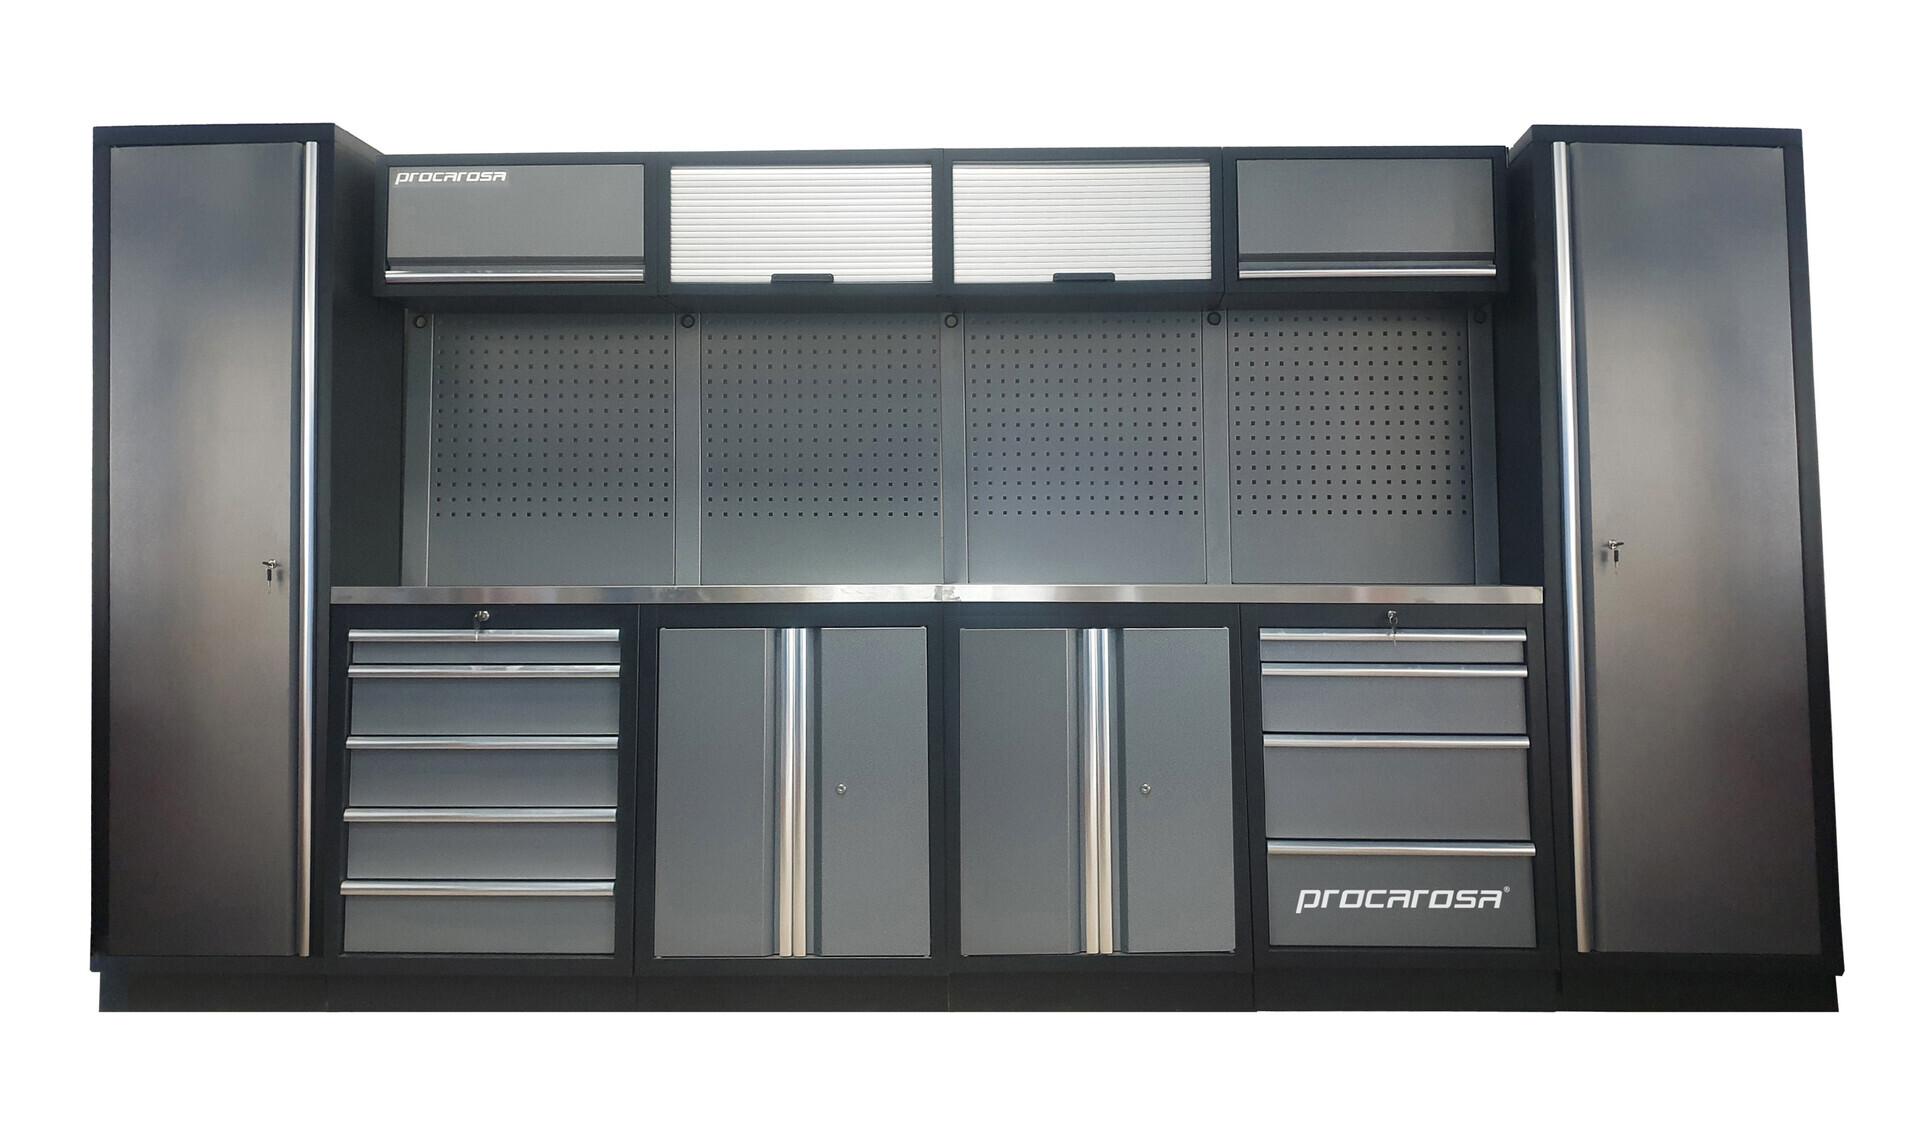 Sestava dílenského nábytku Procarosa PROFESSIONAL L-2 Pracovní deska: nerezová, Hmotnost: